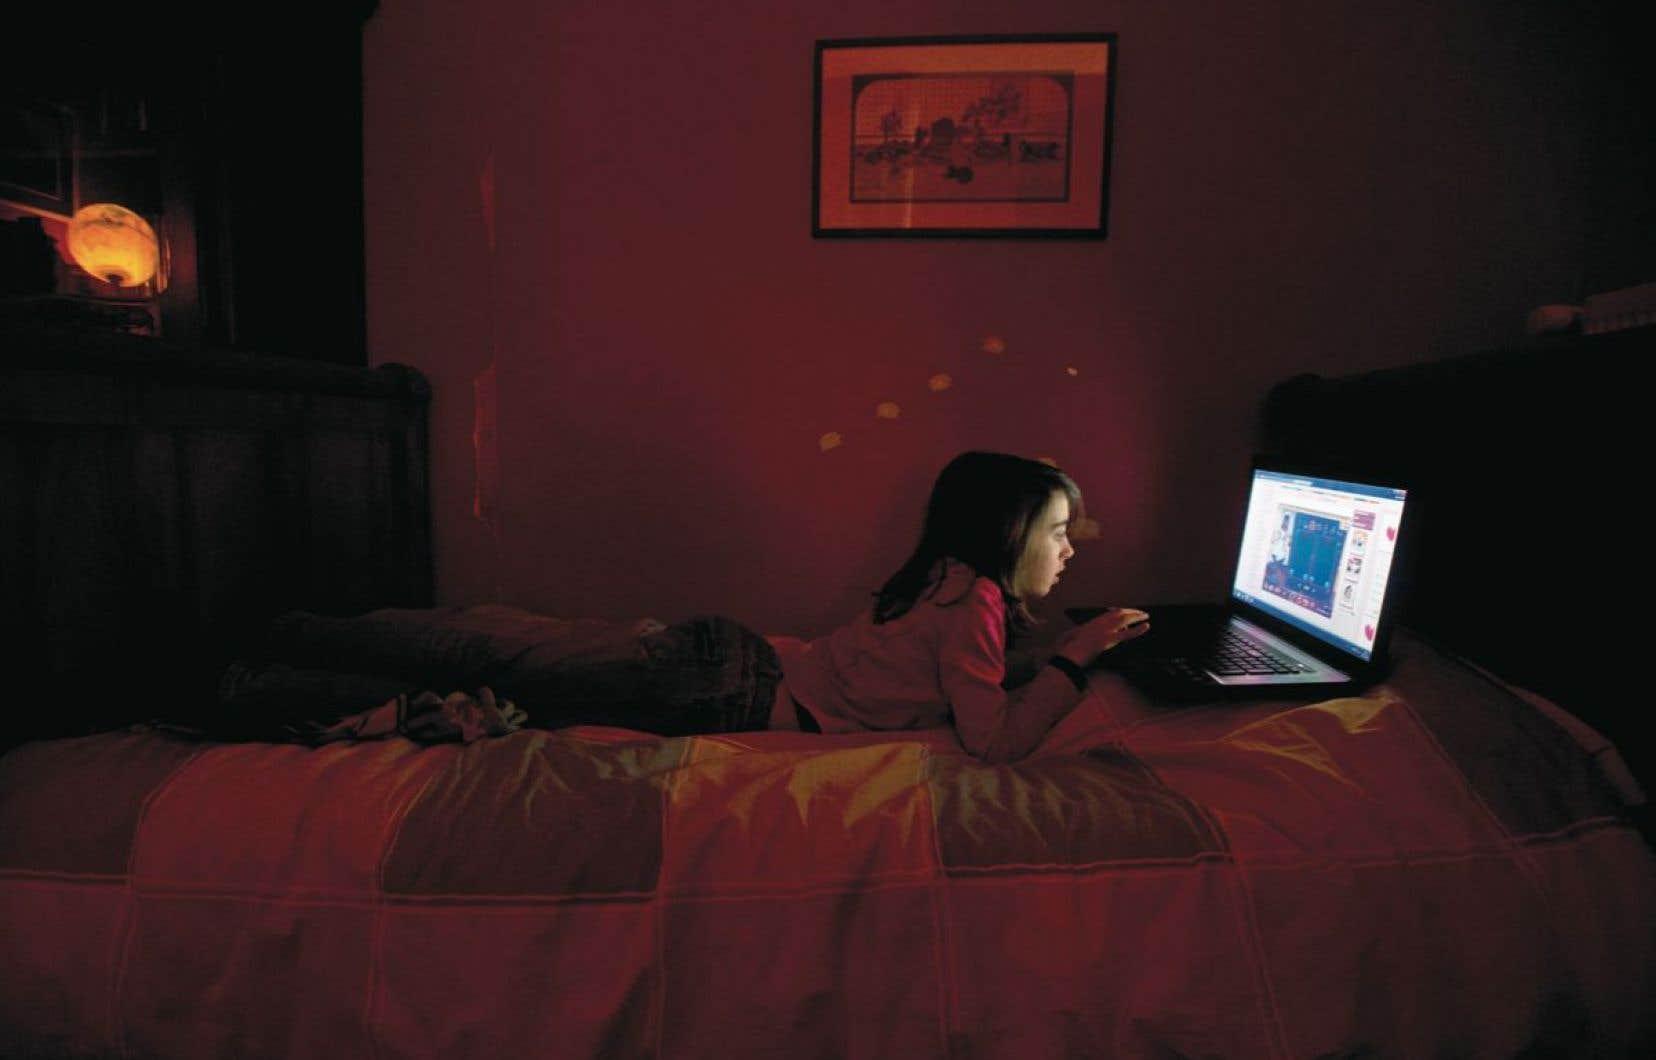 Les adolescents organisent leur chambre à coucher comme un repaire; ils y mangent, travaillent, étudient, jouent et parlent avec leurs amis. La chambre sert à bien d'autres choses qu'à dormir.